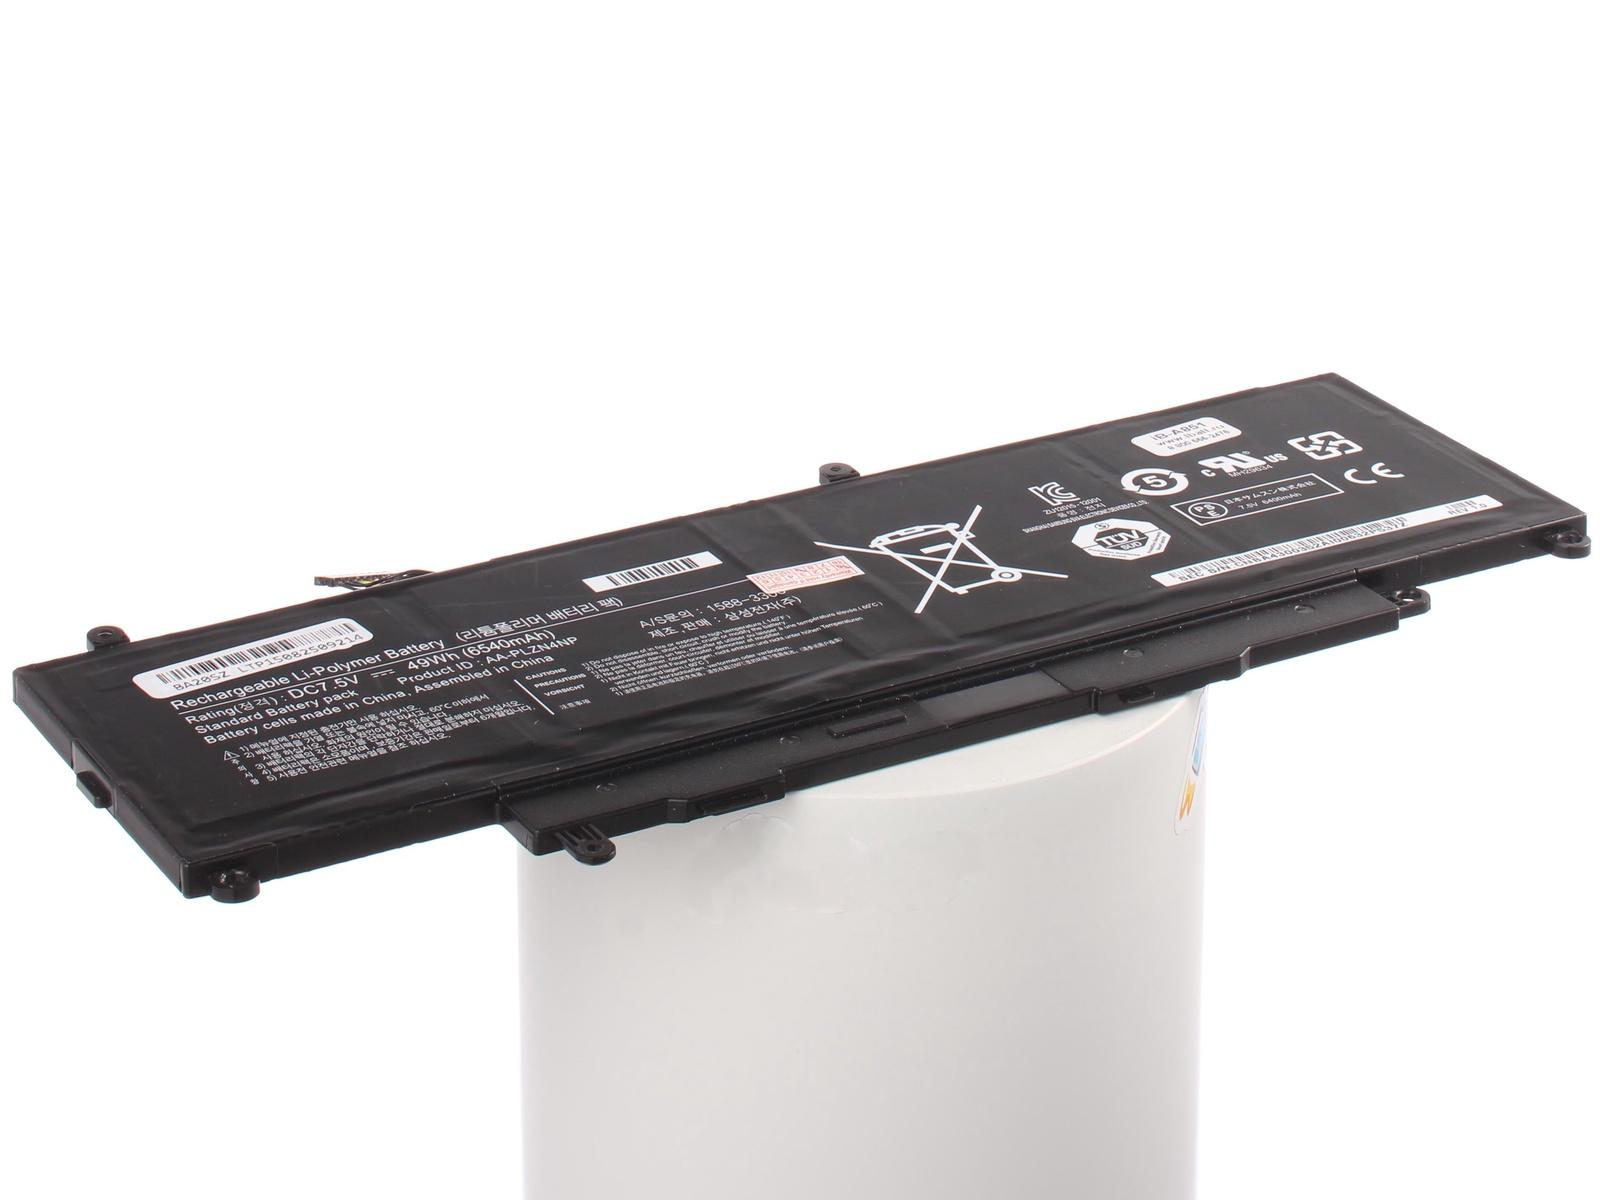 Аккумулятор для ноутбука iBatt для Samsung ATIV Smart PC Pro XE700T1C-H02 64Gb 3G, XE700T1C-A01 ATIV Smart PC Pro, ATIV Smart PC Pro XE700T1C-H01 128GB, ATIV Smart PC Pro XE700T1C-H01 128Gb 3G dock samsung pc studio скачать